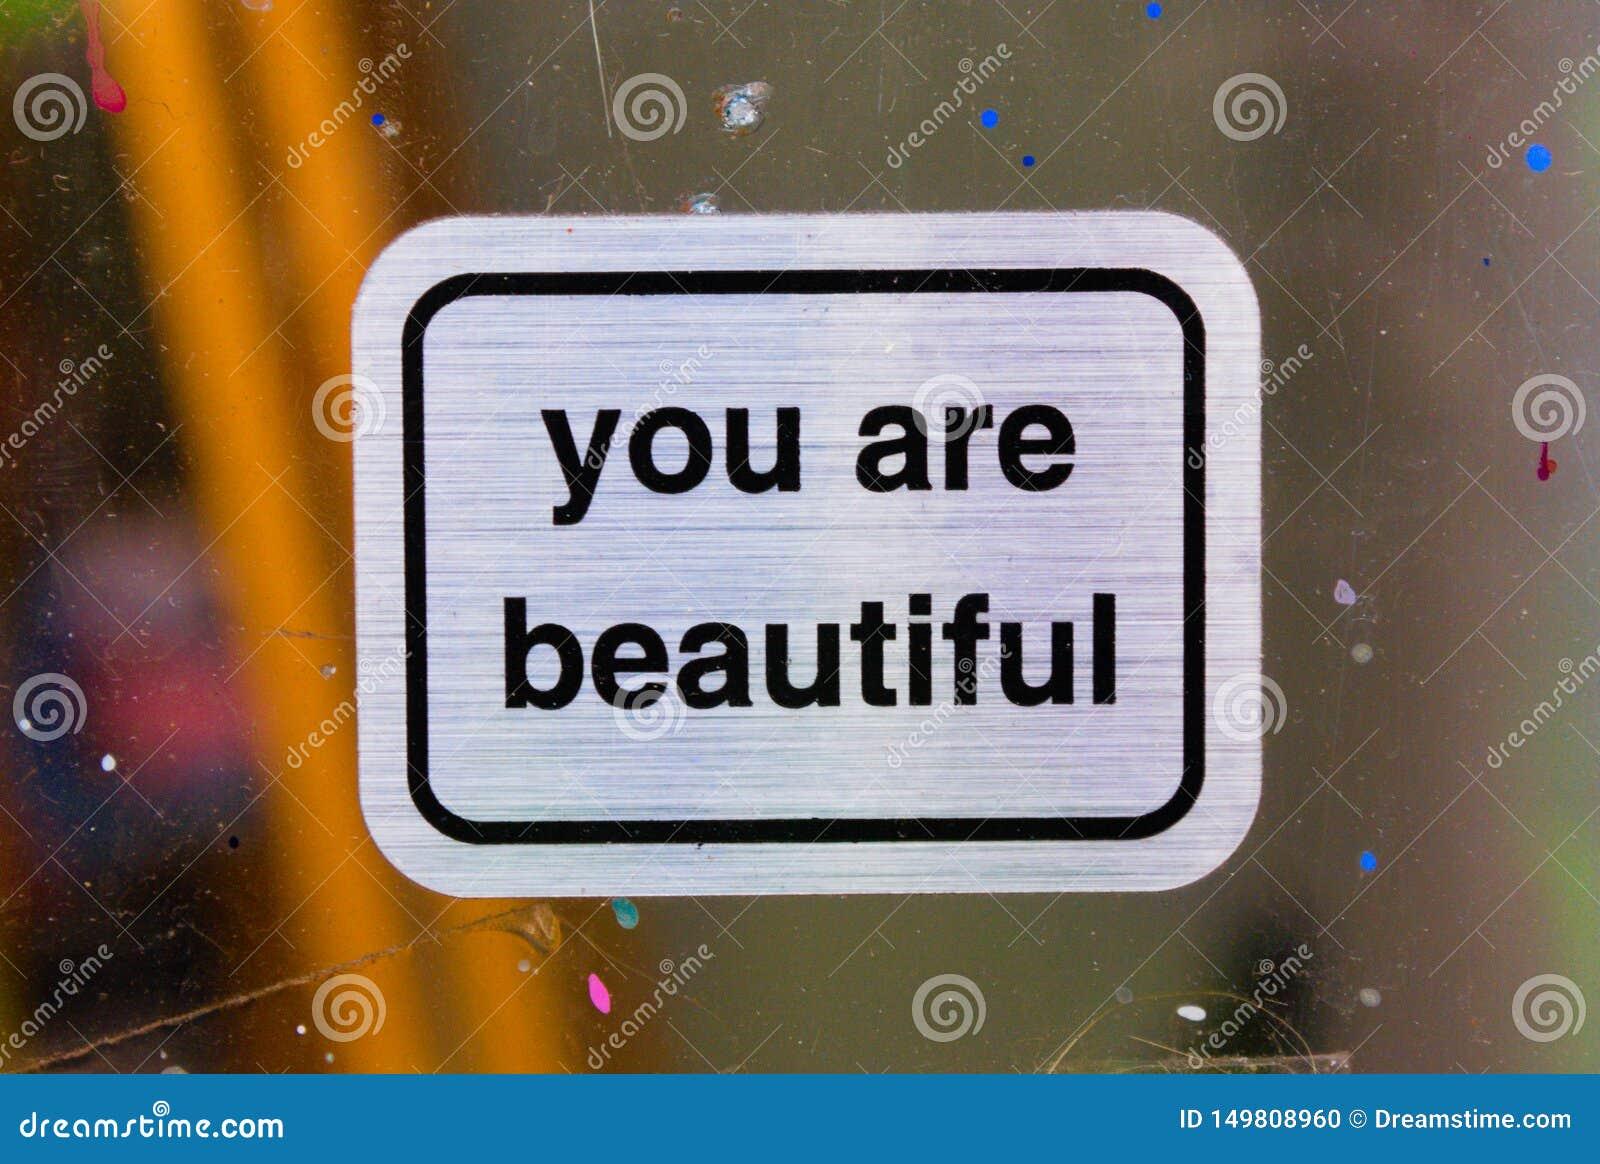 Você é sinais bonitos